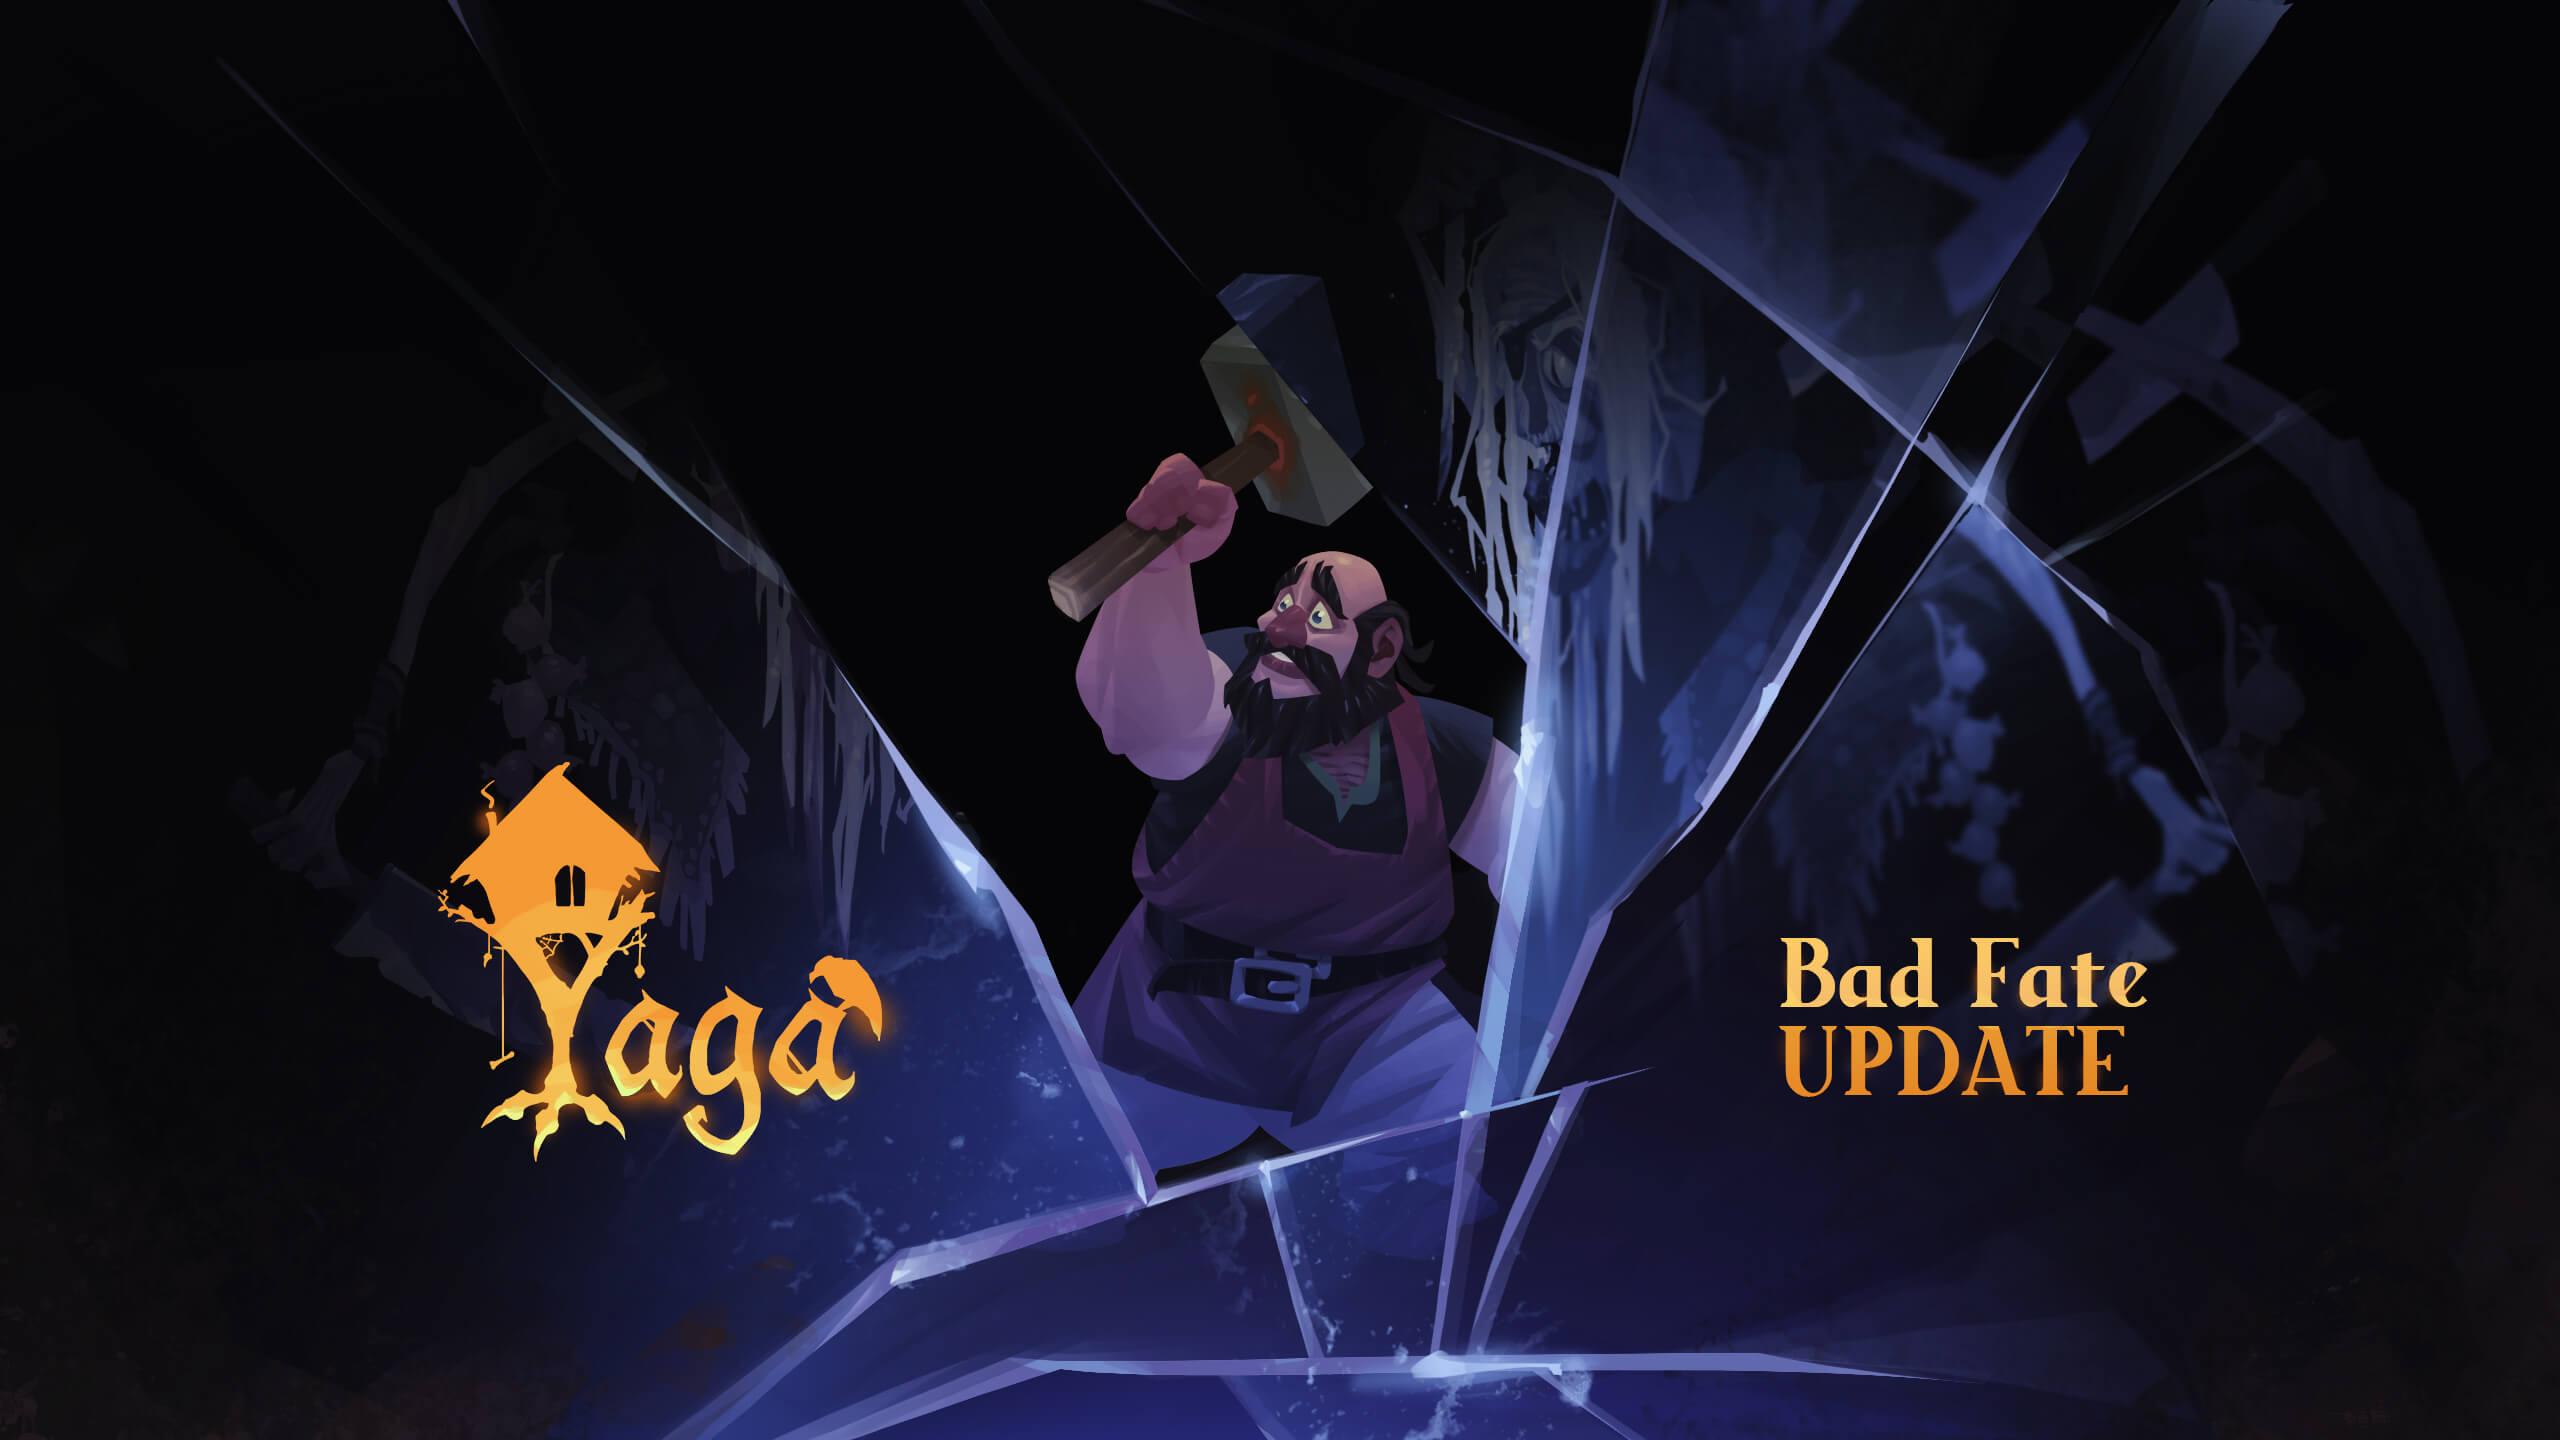 bad_fate_update_04.jpg